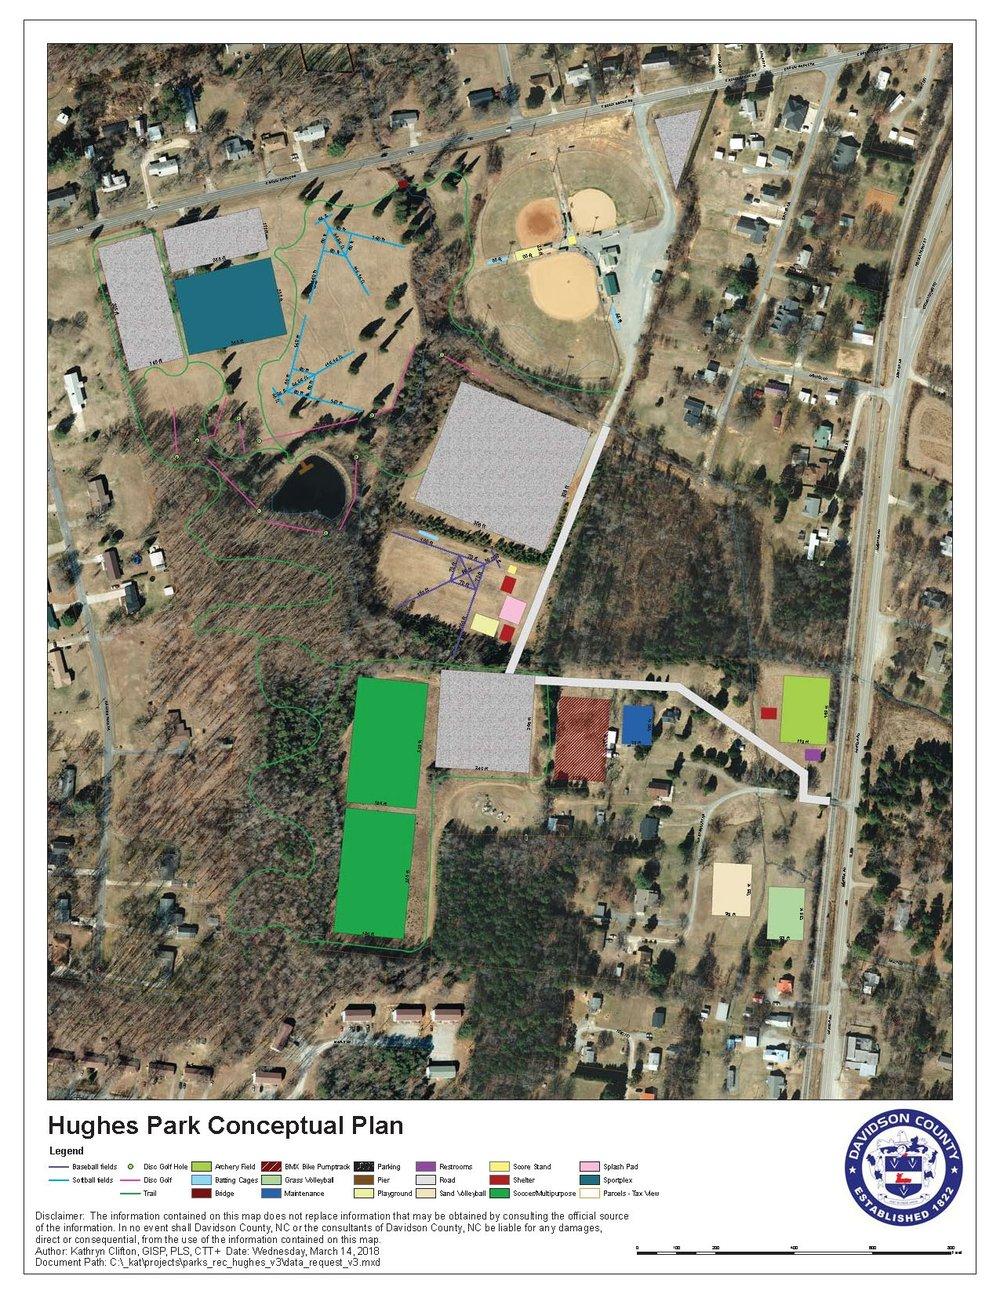 Hughes Park Conceptual Plan.jpg